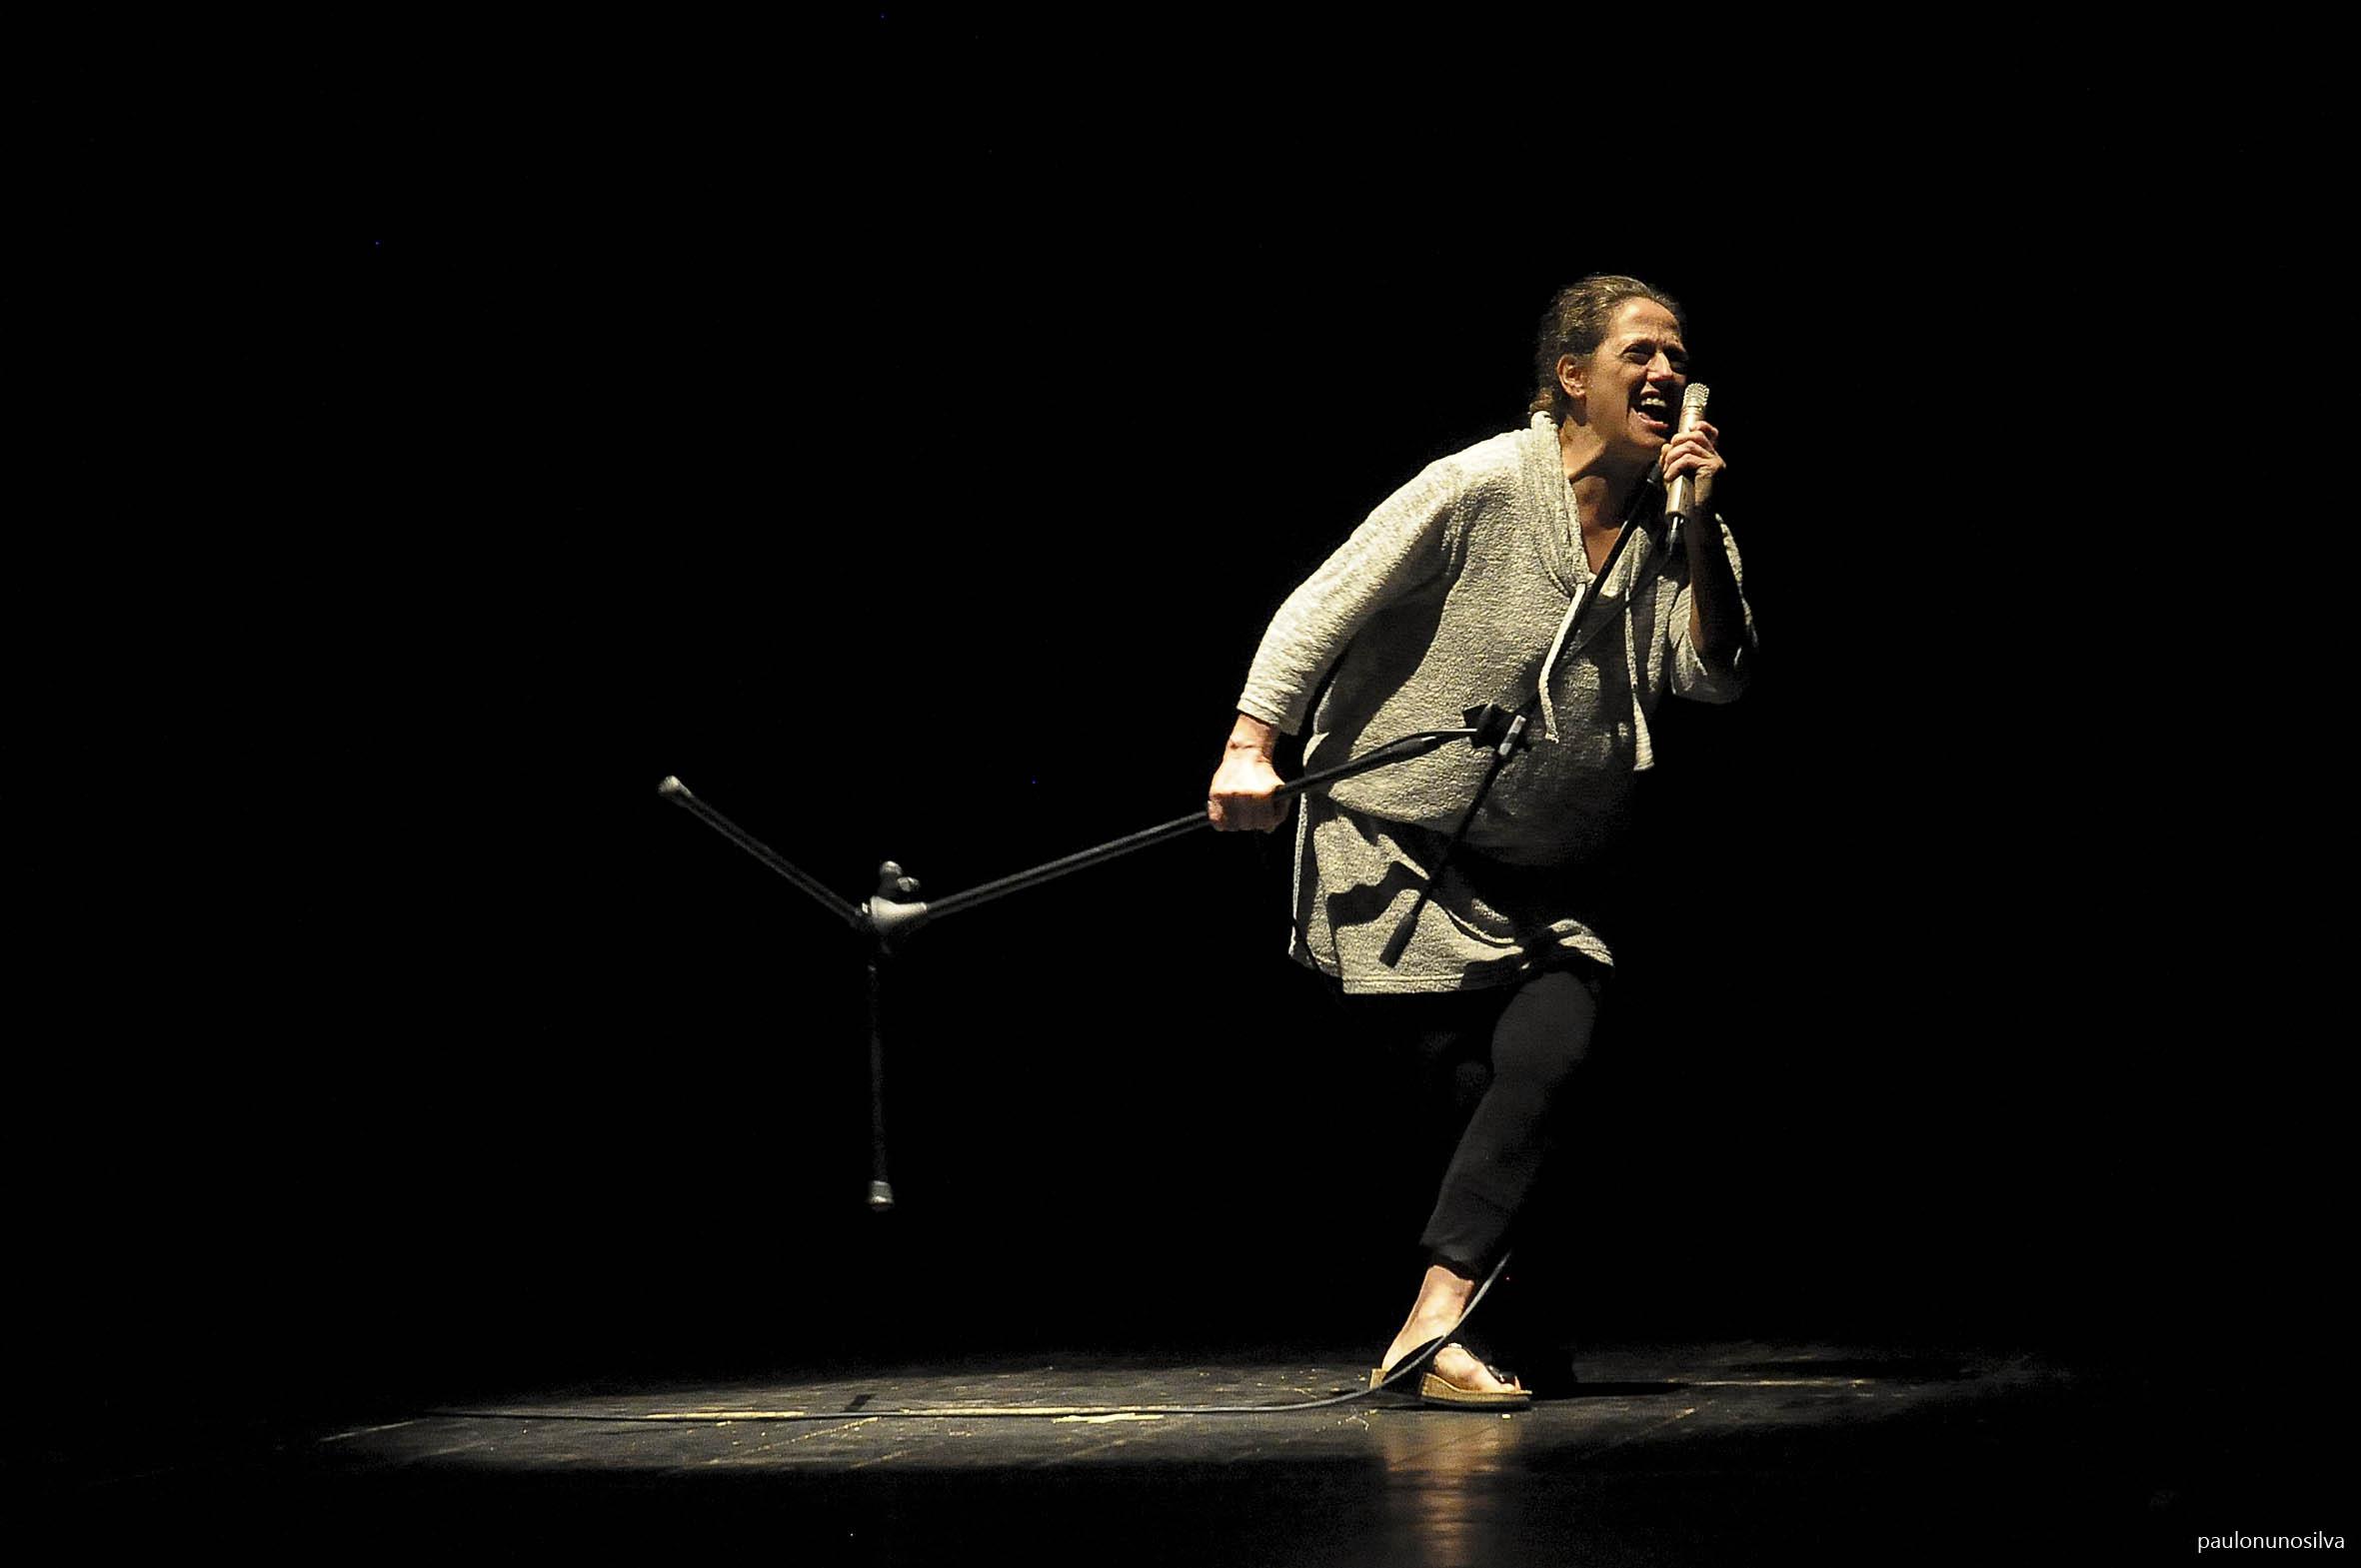 """Ana Meira, """"Onde é que eu já vi isto, perguntou ele"""" (foto: Paulo Nuno Silva)"""